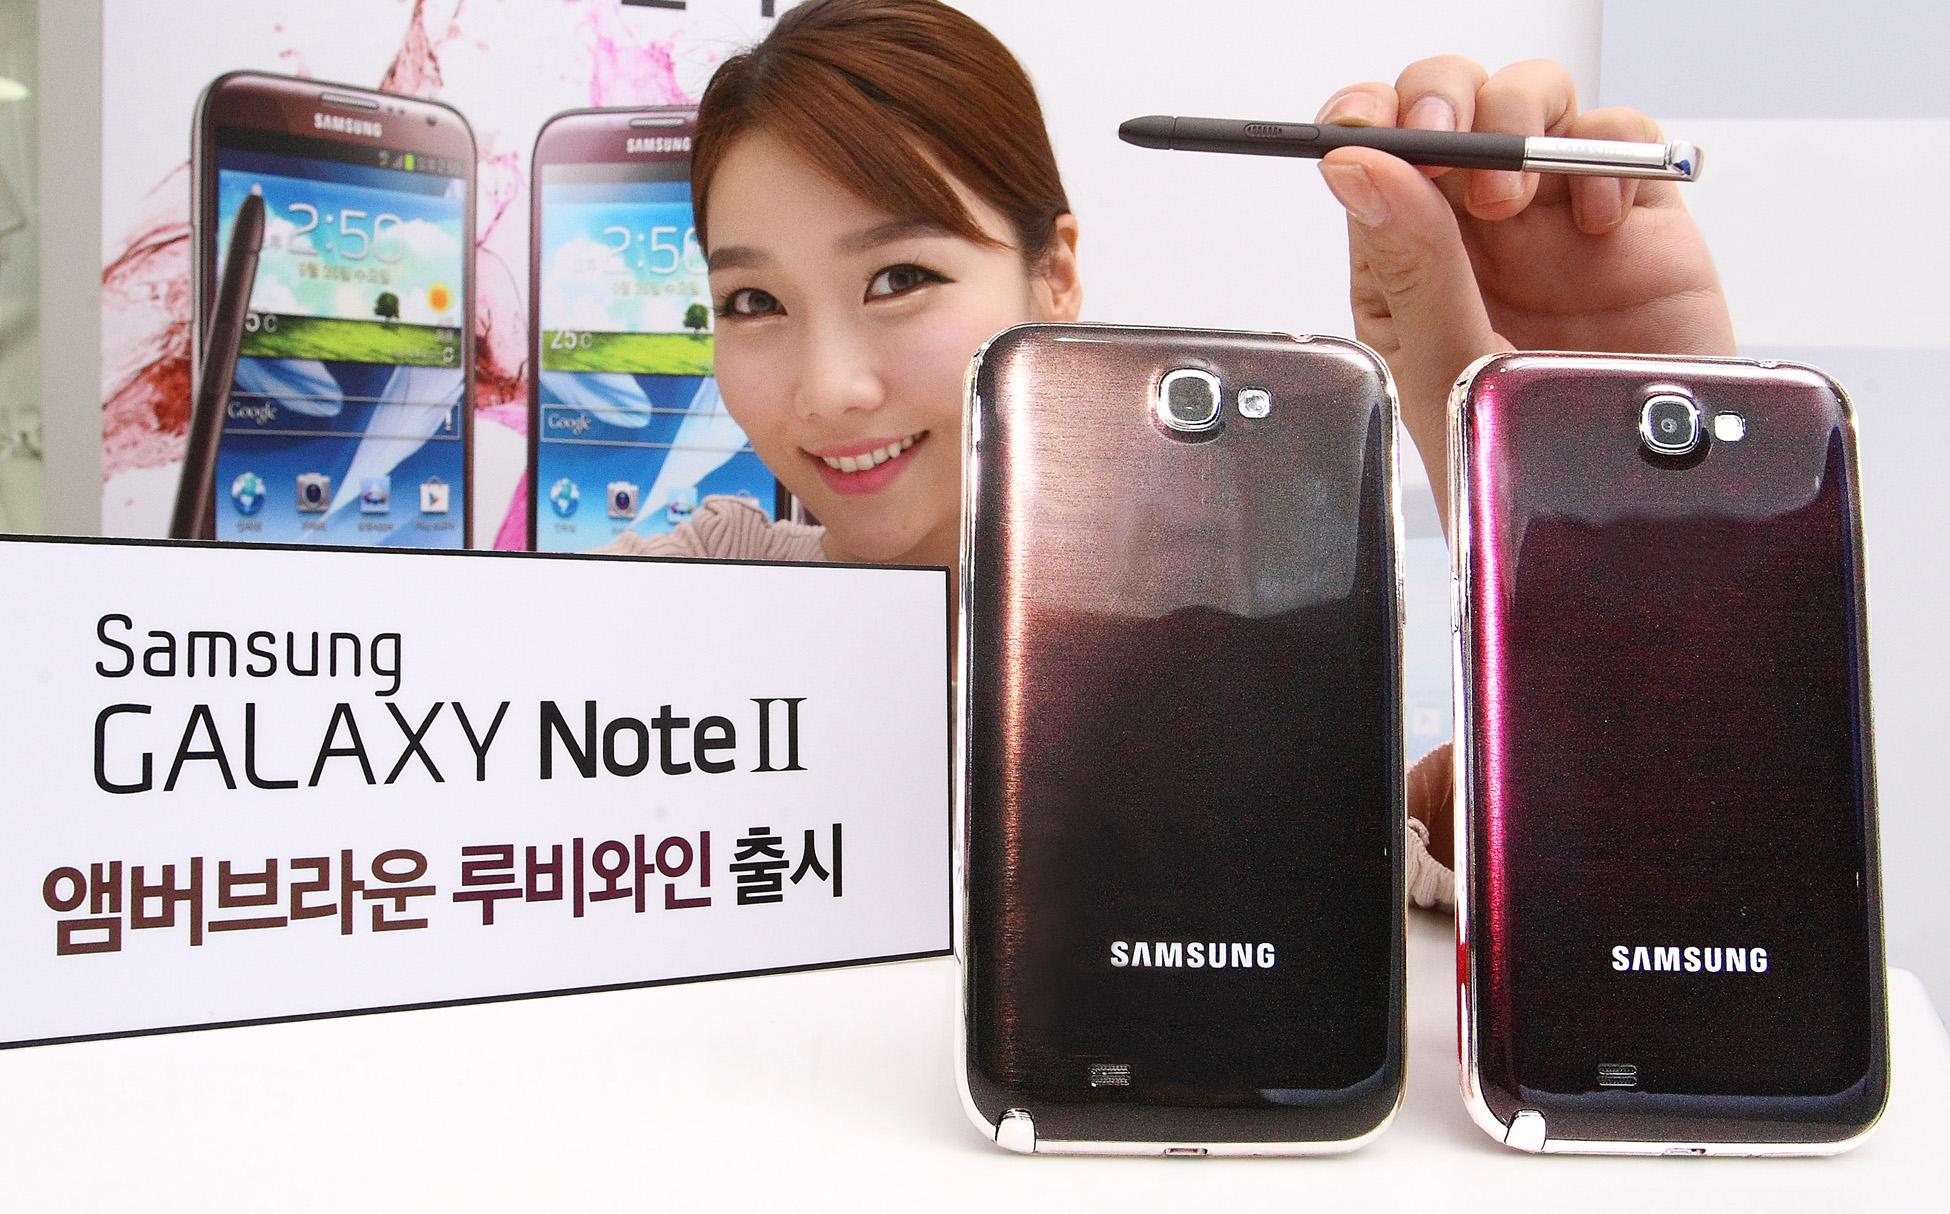 Samsung Galaxy Note 2 bald auch in Rubinrot und Bernsteinbraun